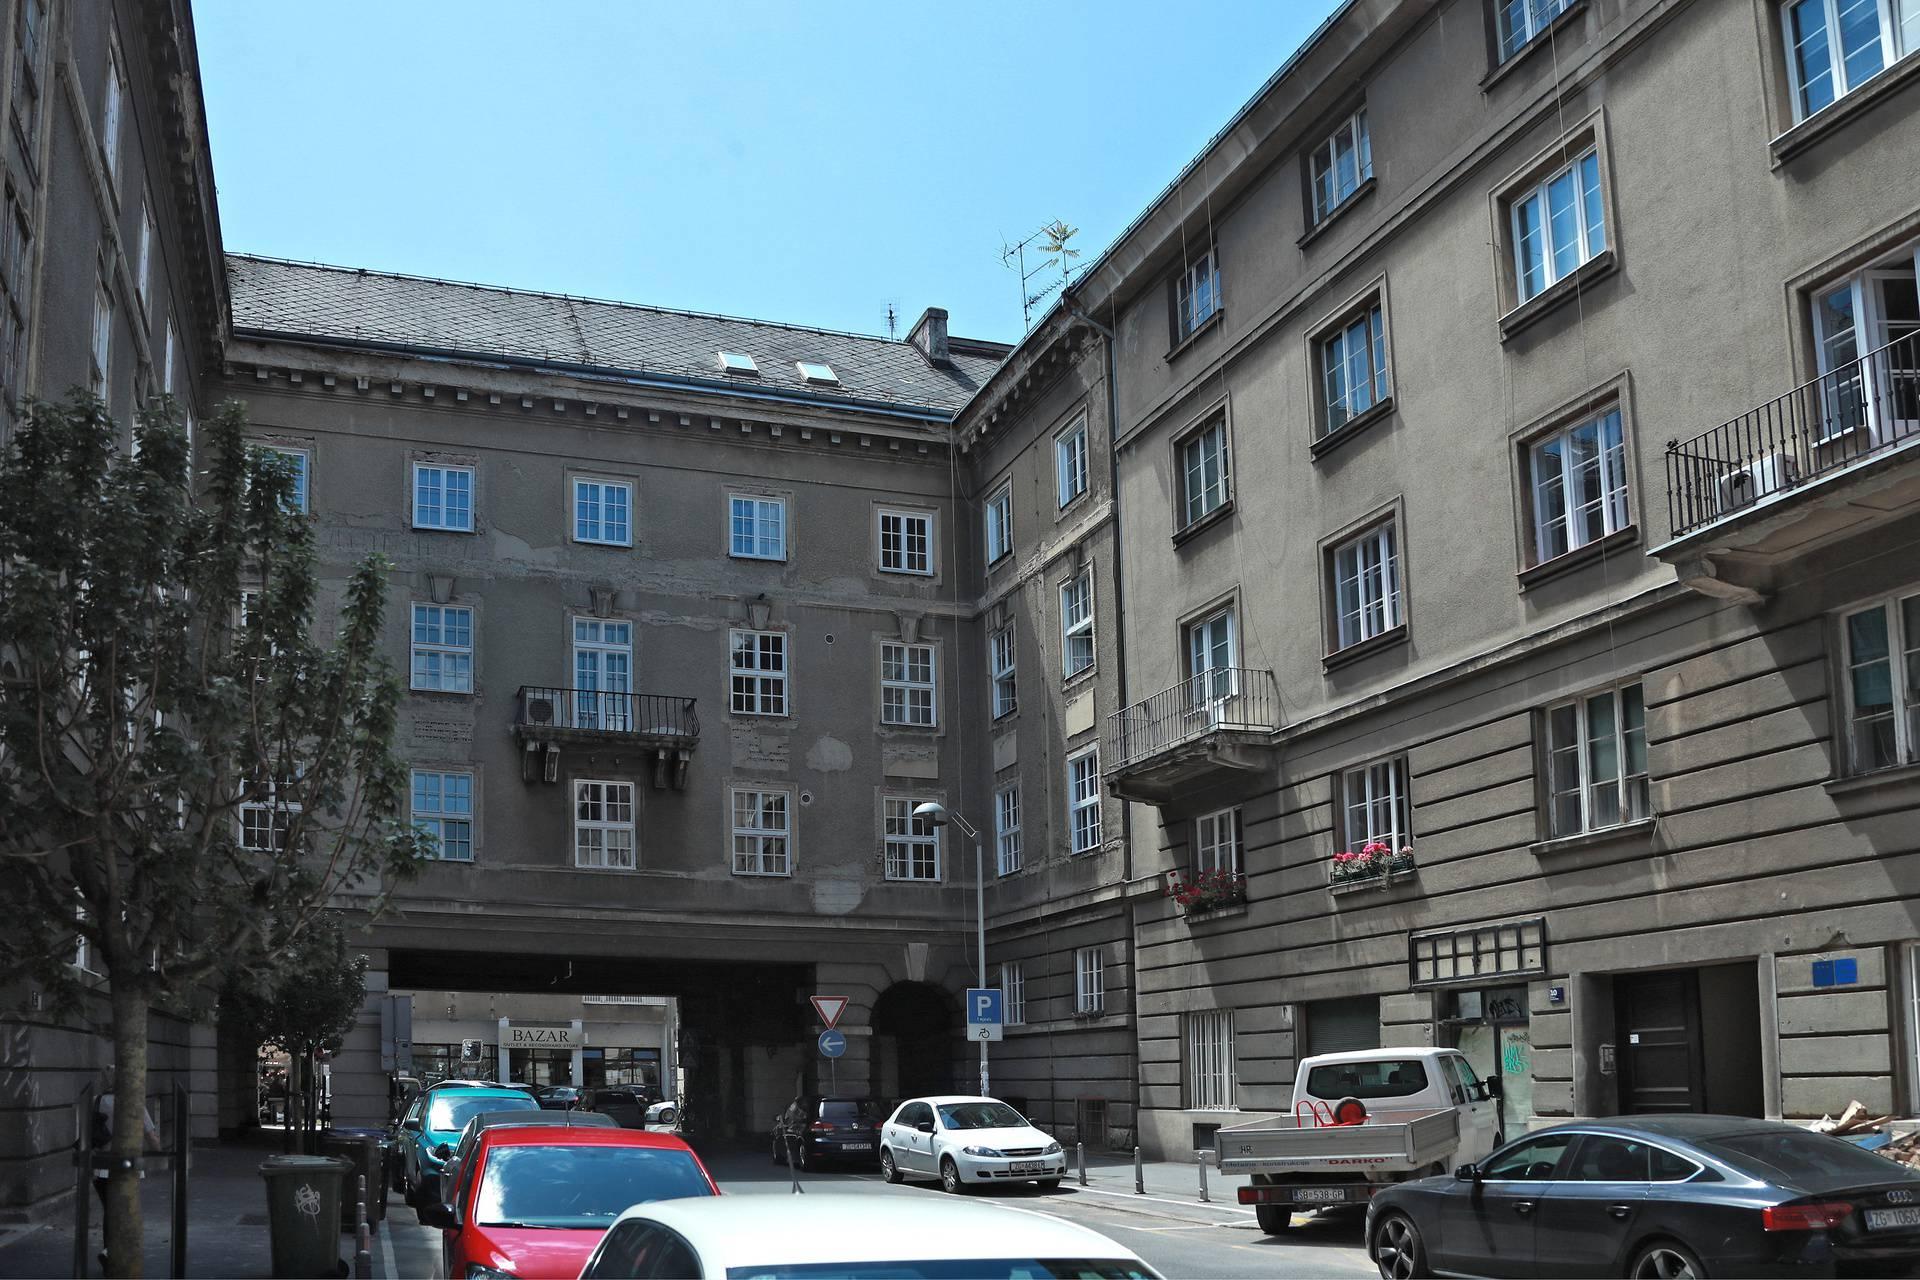 Nesvakidašnji prizor: Na krovu zgrade izraslo je mlado drvo